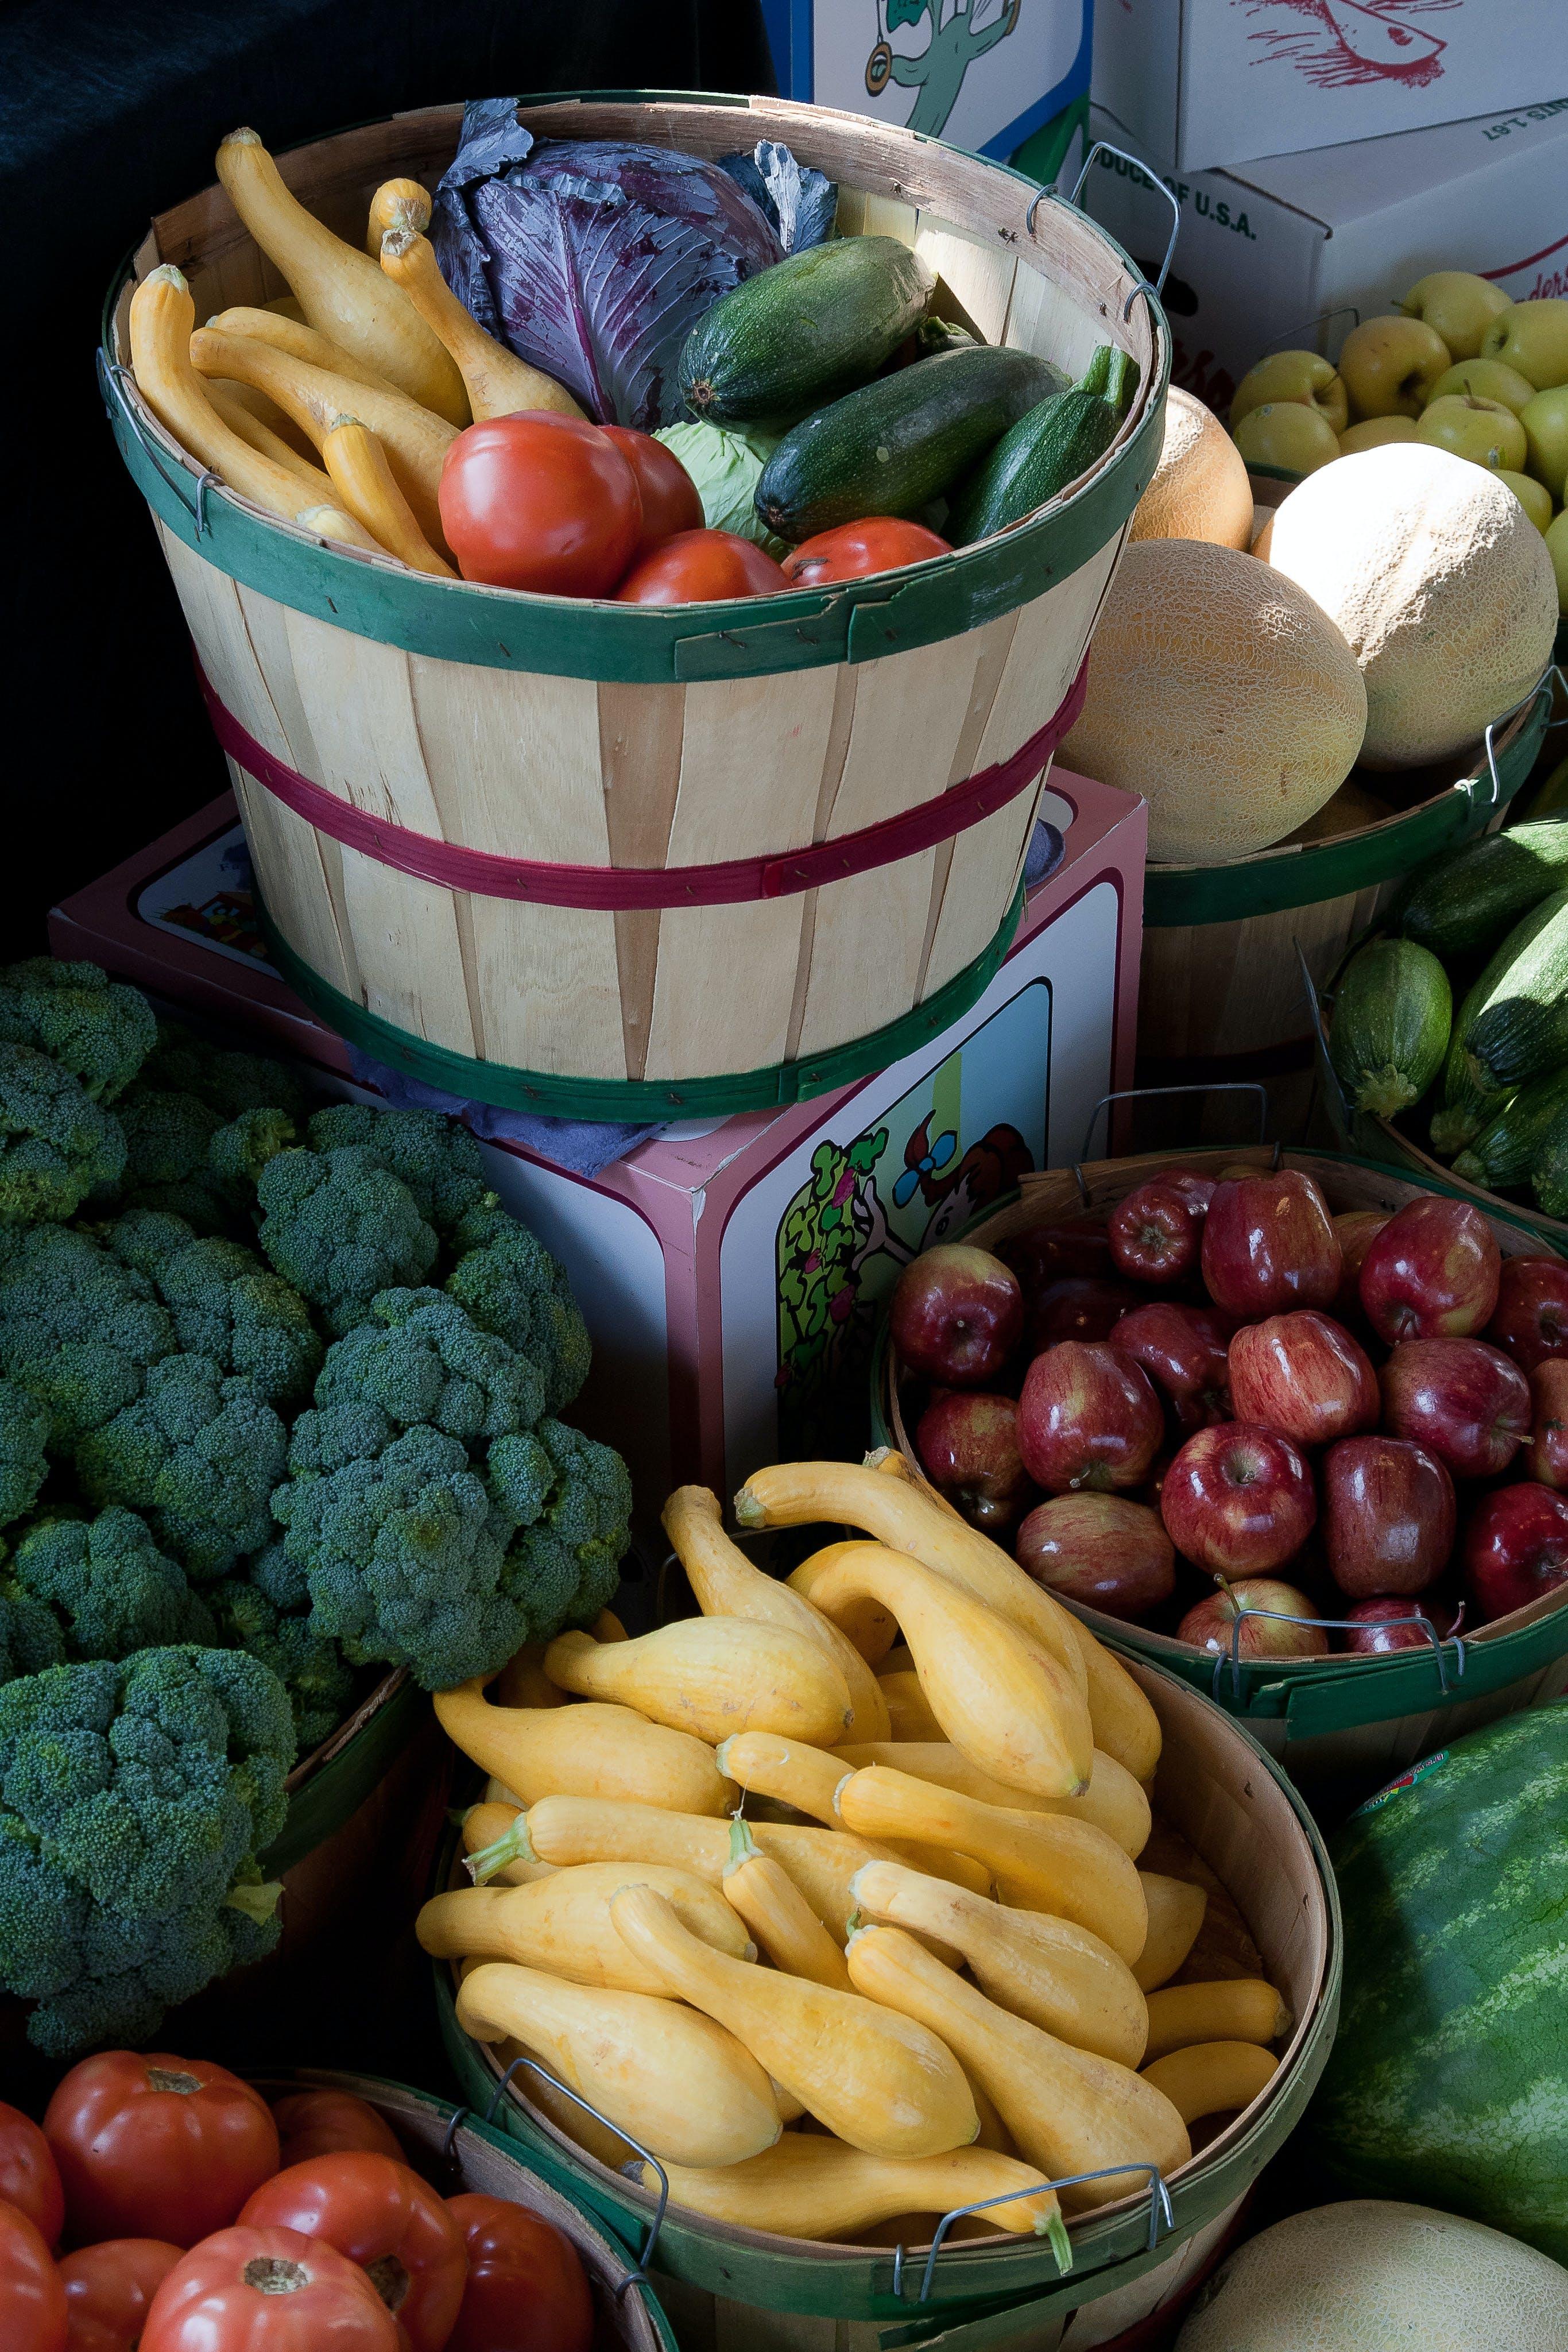 Δωρεάν στοκ φωτογραφιών με αγορά, αφθονία, γευστικός, γεωργία